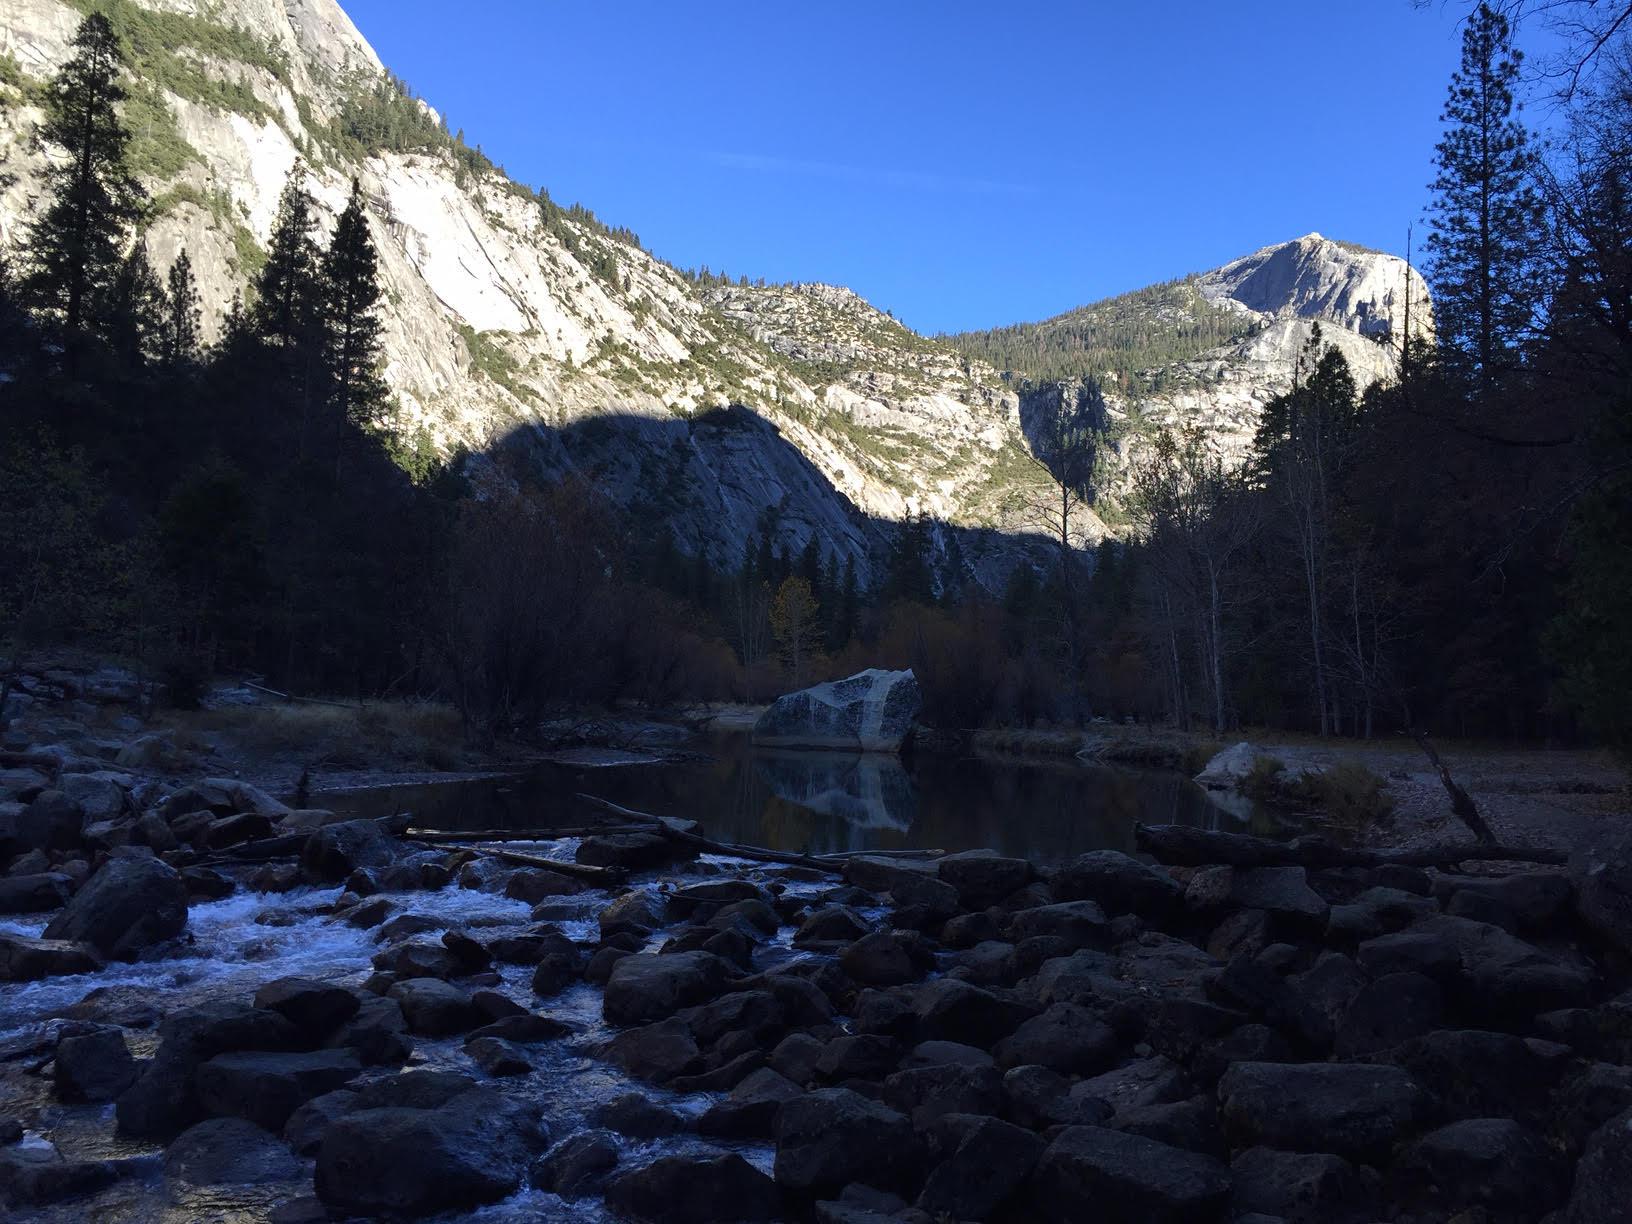 Yosemite Natural Park